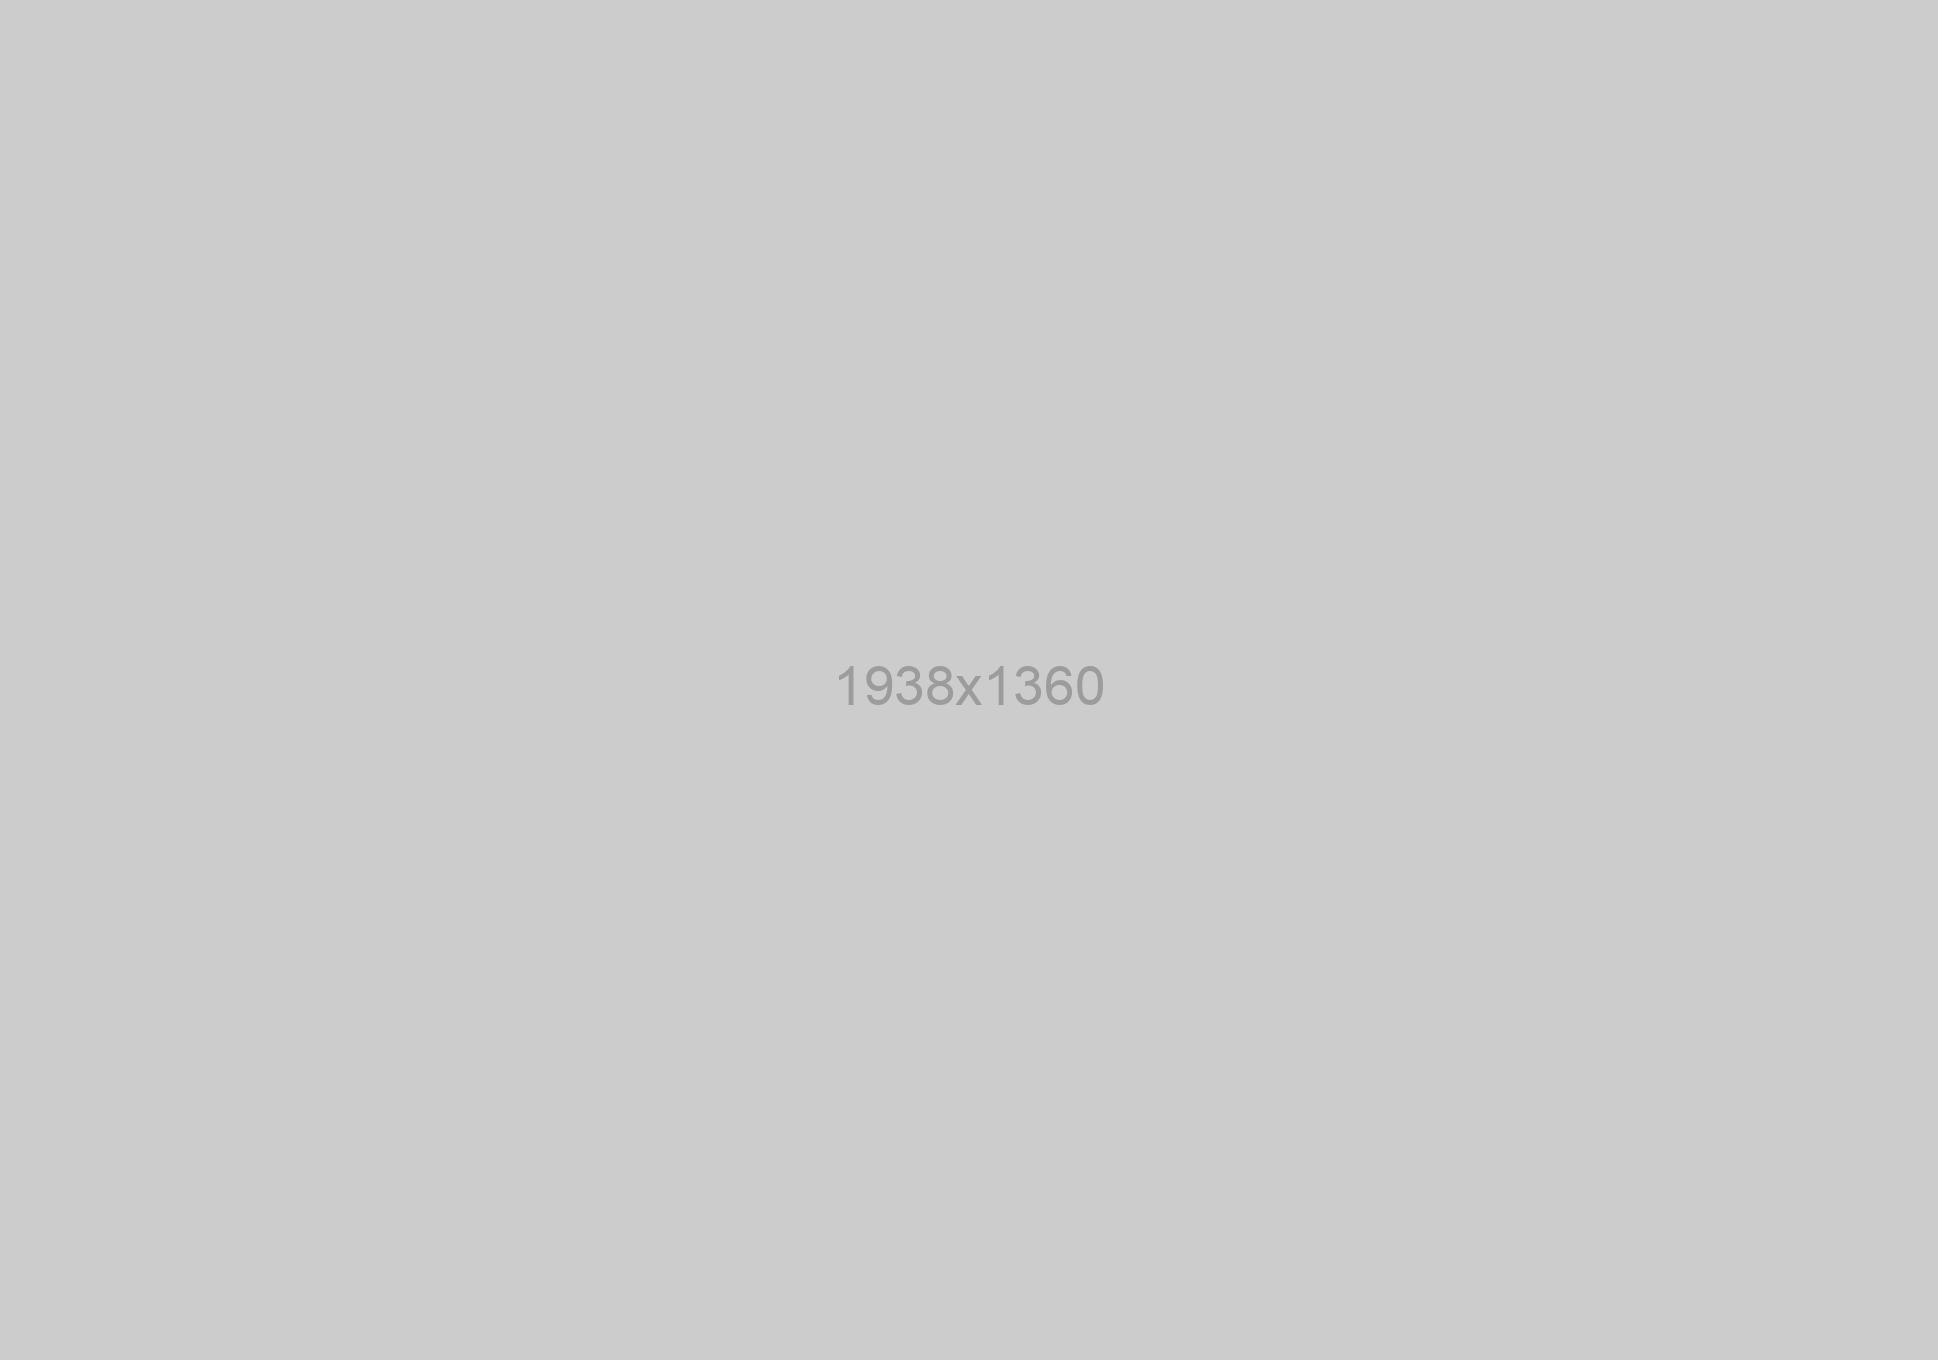 1938x1360&text=1938x1360